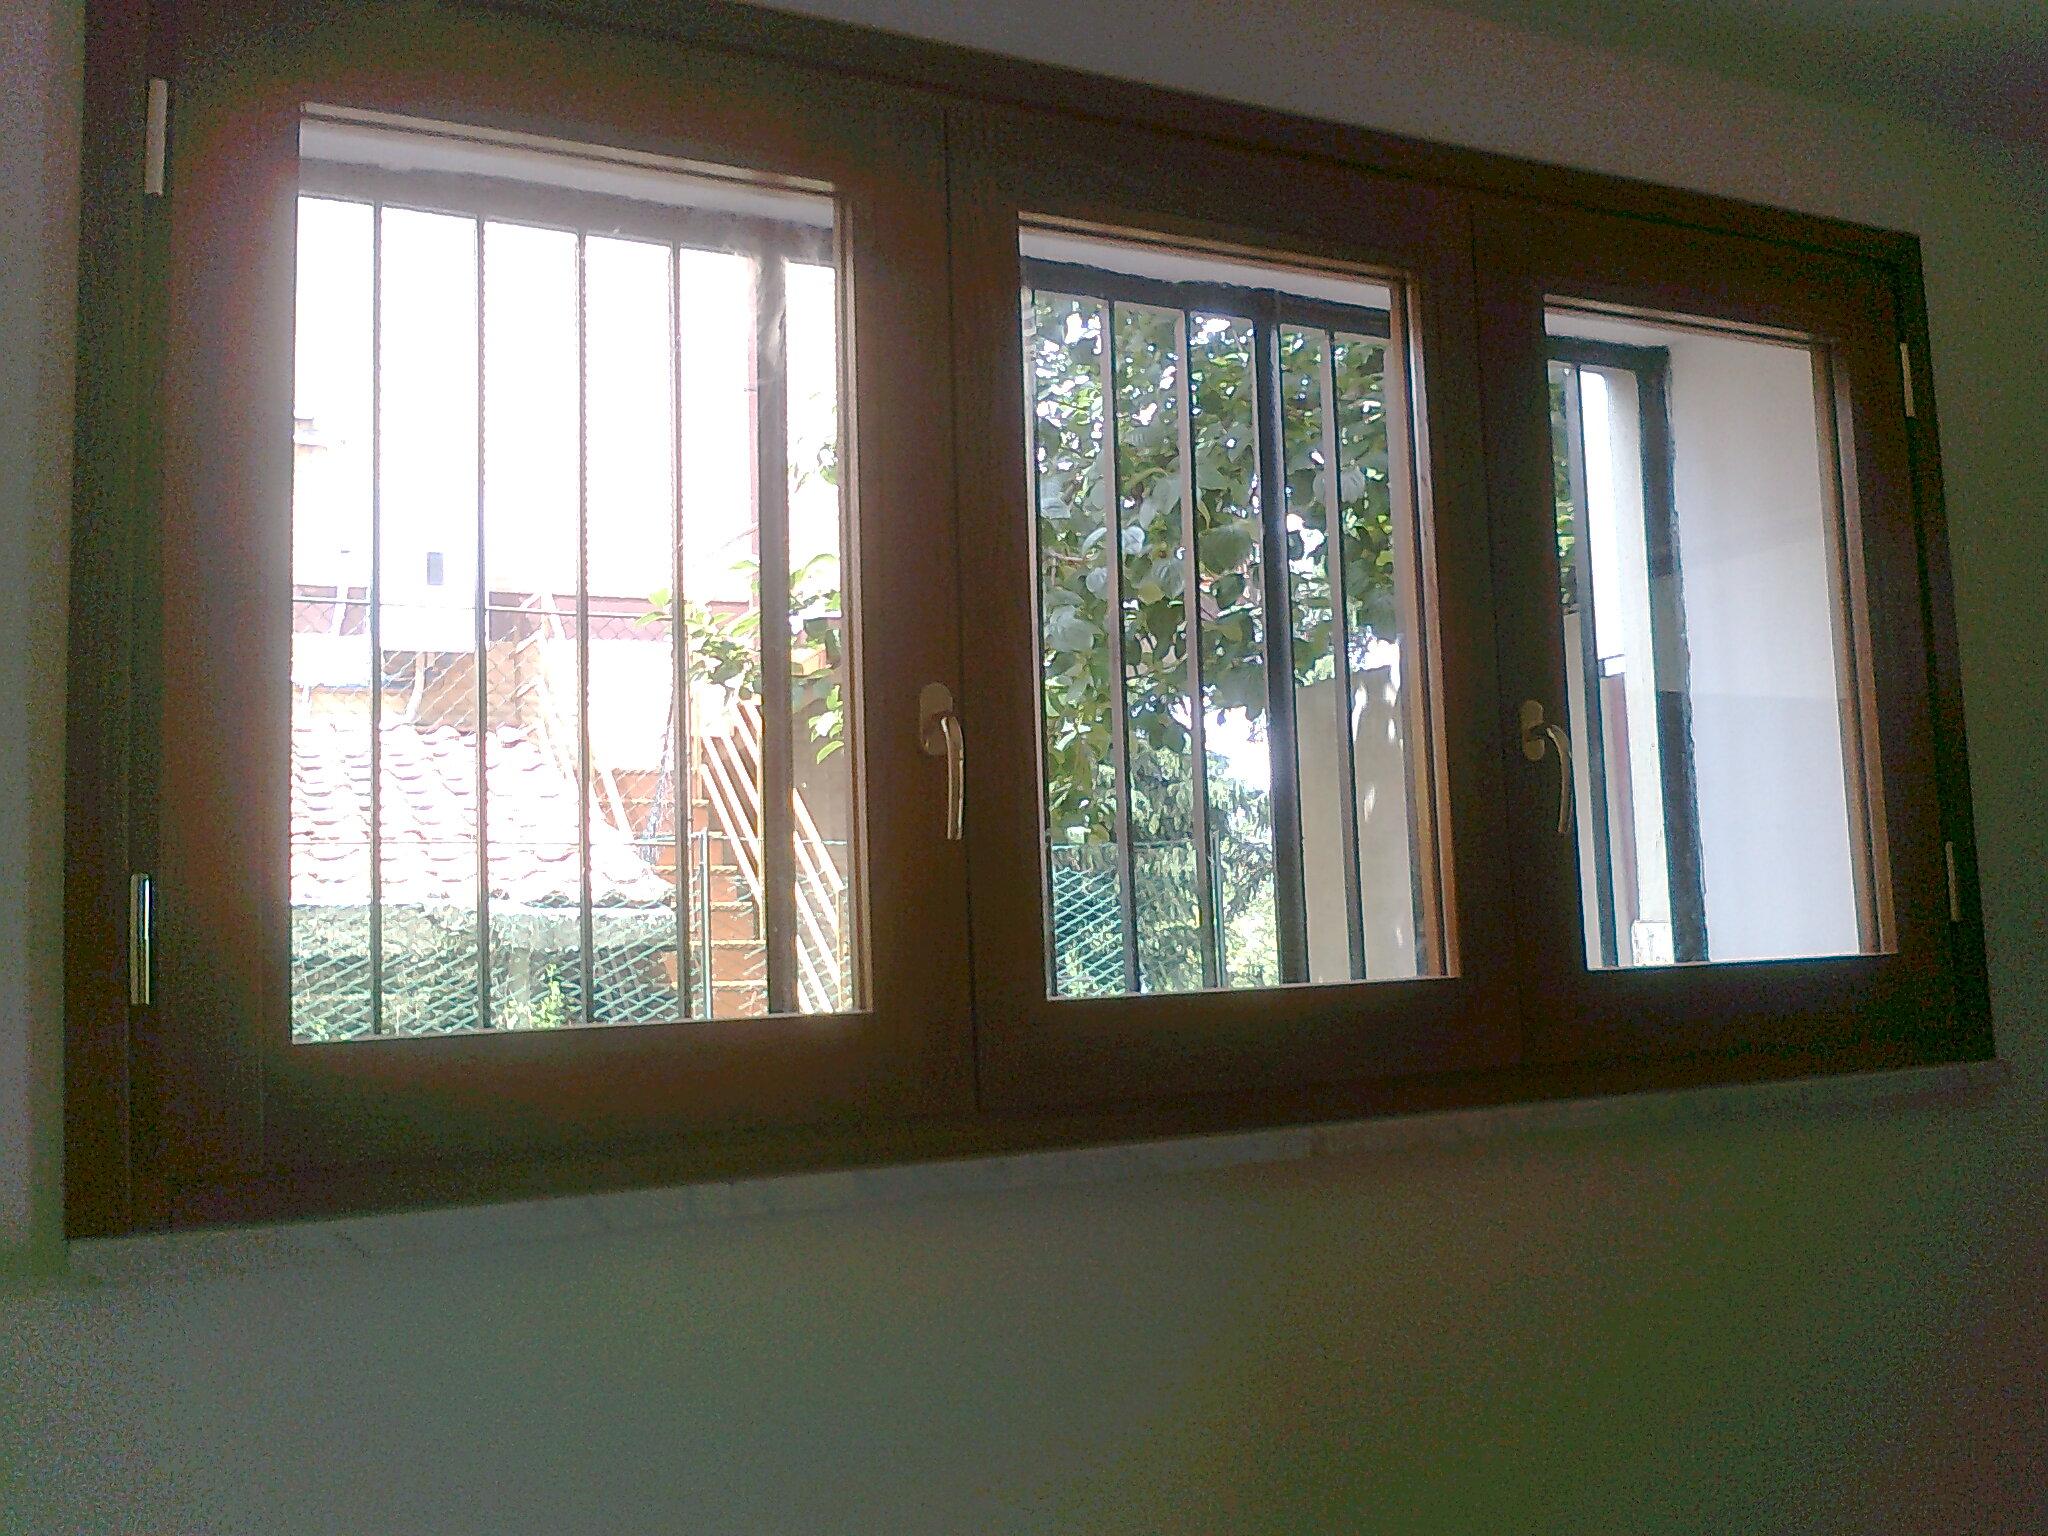 Finestra in legno lamellare finestre in legno massello falegnameria roma restauro legno - Restauro finestre in legno ...